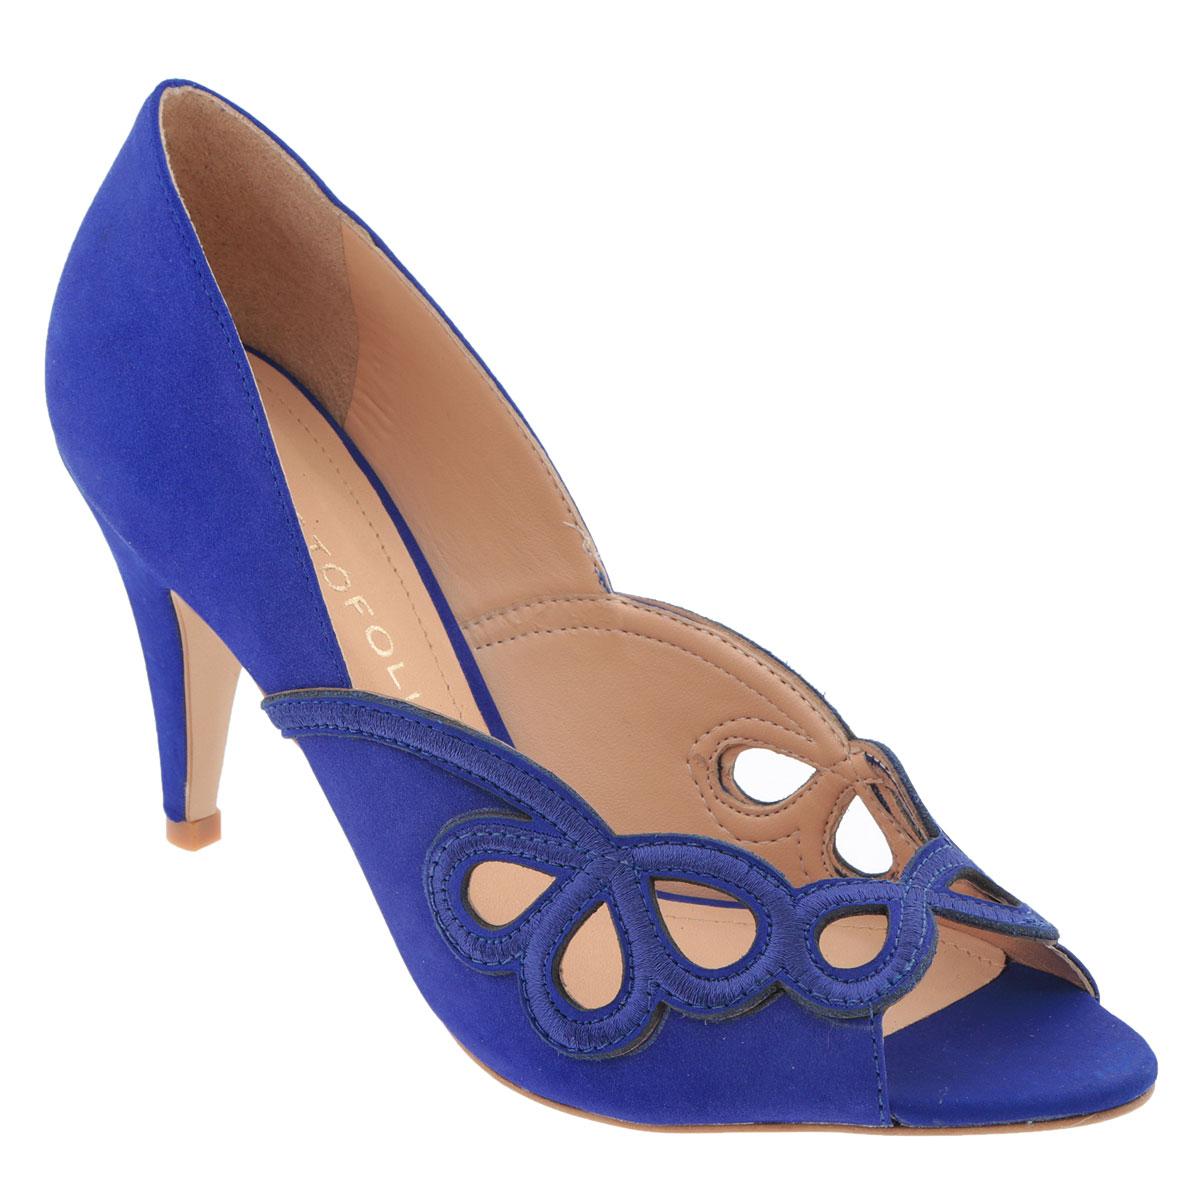 Туфли женские Cristofoli, цвет: синий. 150417. Размер BRA 37 (38)150417Модные туфли от Cristofoli эффектно дополнят ваш летний образ.Модель выполнена из натуральной высококачественной кожи и оформлена перфорированным узором. Перфорация обеспечивает отличную вентиляцию, позволяет вашим ногам дышать. Открытый носок смотрится невероятно элегантно. Мягкая стелька из натуральной кожи комфортна при ходьбе. Рифленая поверхность подошвы защищает изделие от скольжения.Стильные туфли не оставят равнодушной настоящую модницу!